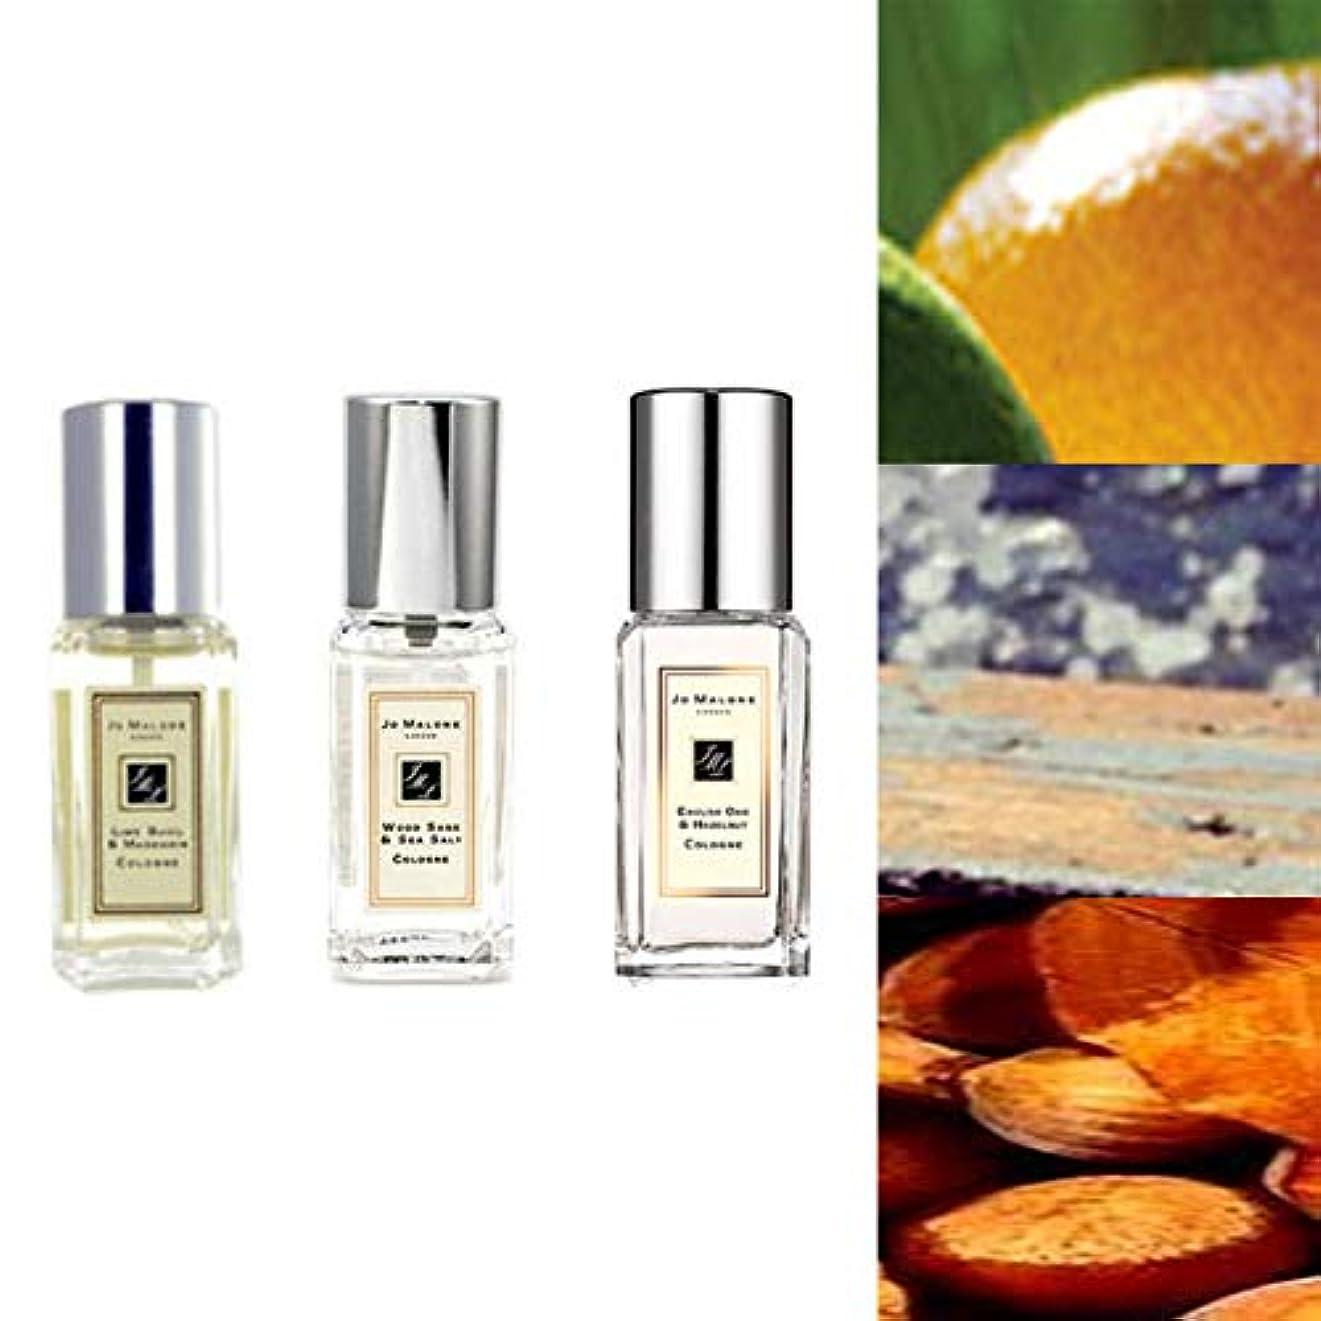 メッセージ海里発症Jo Malone London (ジョーマローン) Deluxe Cologne 9ml 3set : lime basil & mandarin + wood sage & sea salt + english oak & hazelnut [並行輸入品] [海外直送品] 。